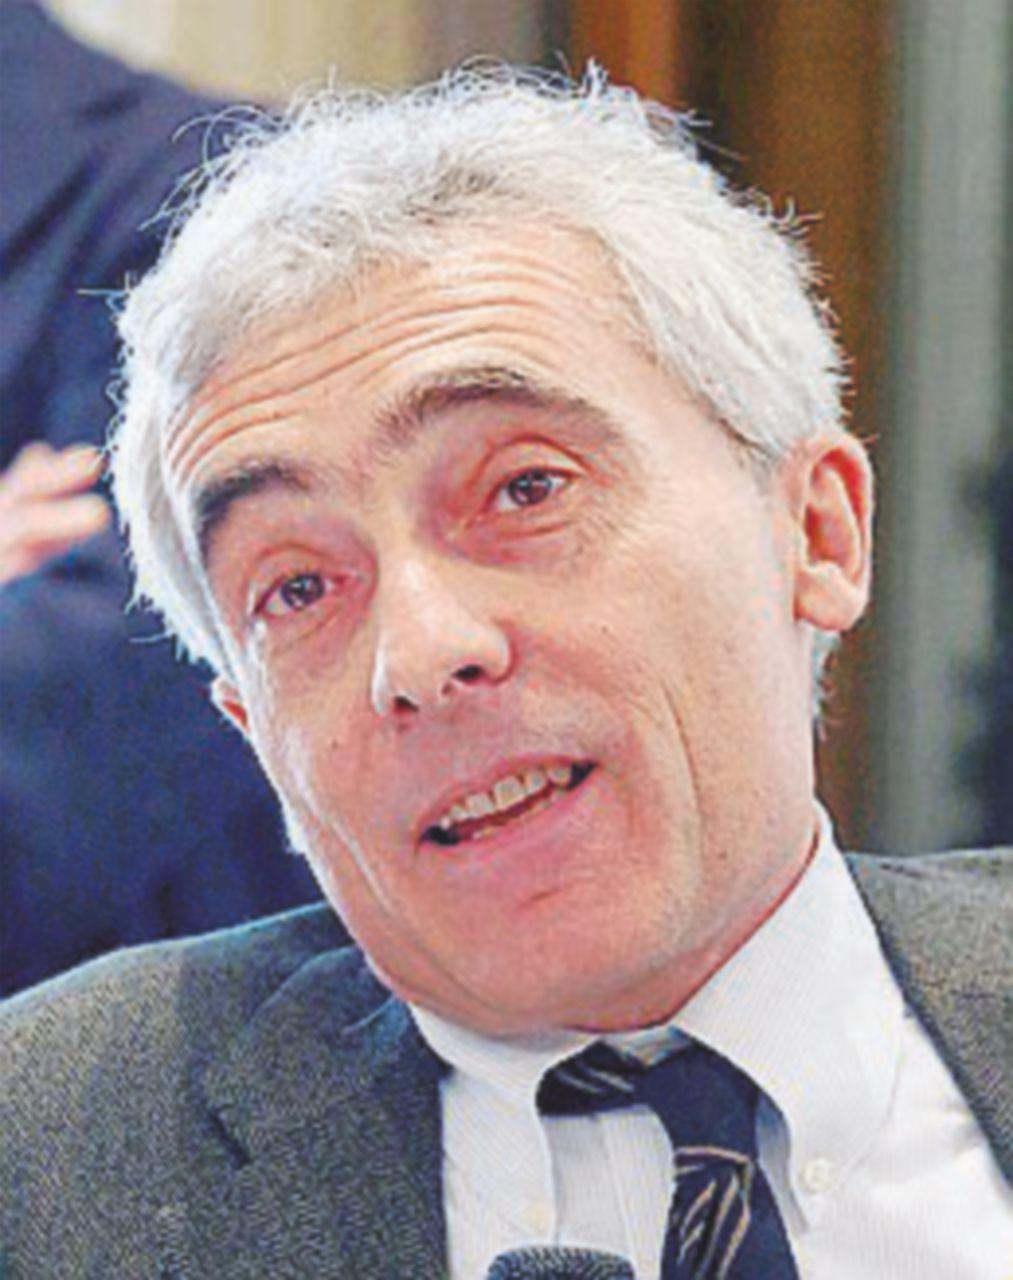 Guerra all'Inps, sconfitto Tito Boeri: il governo boccia la riorganizzazione